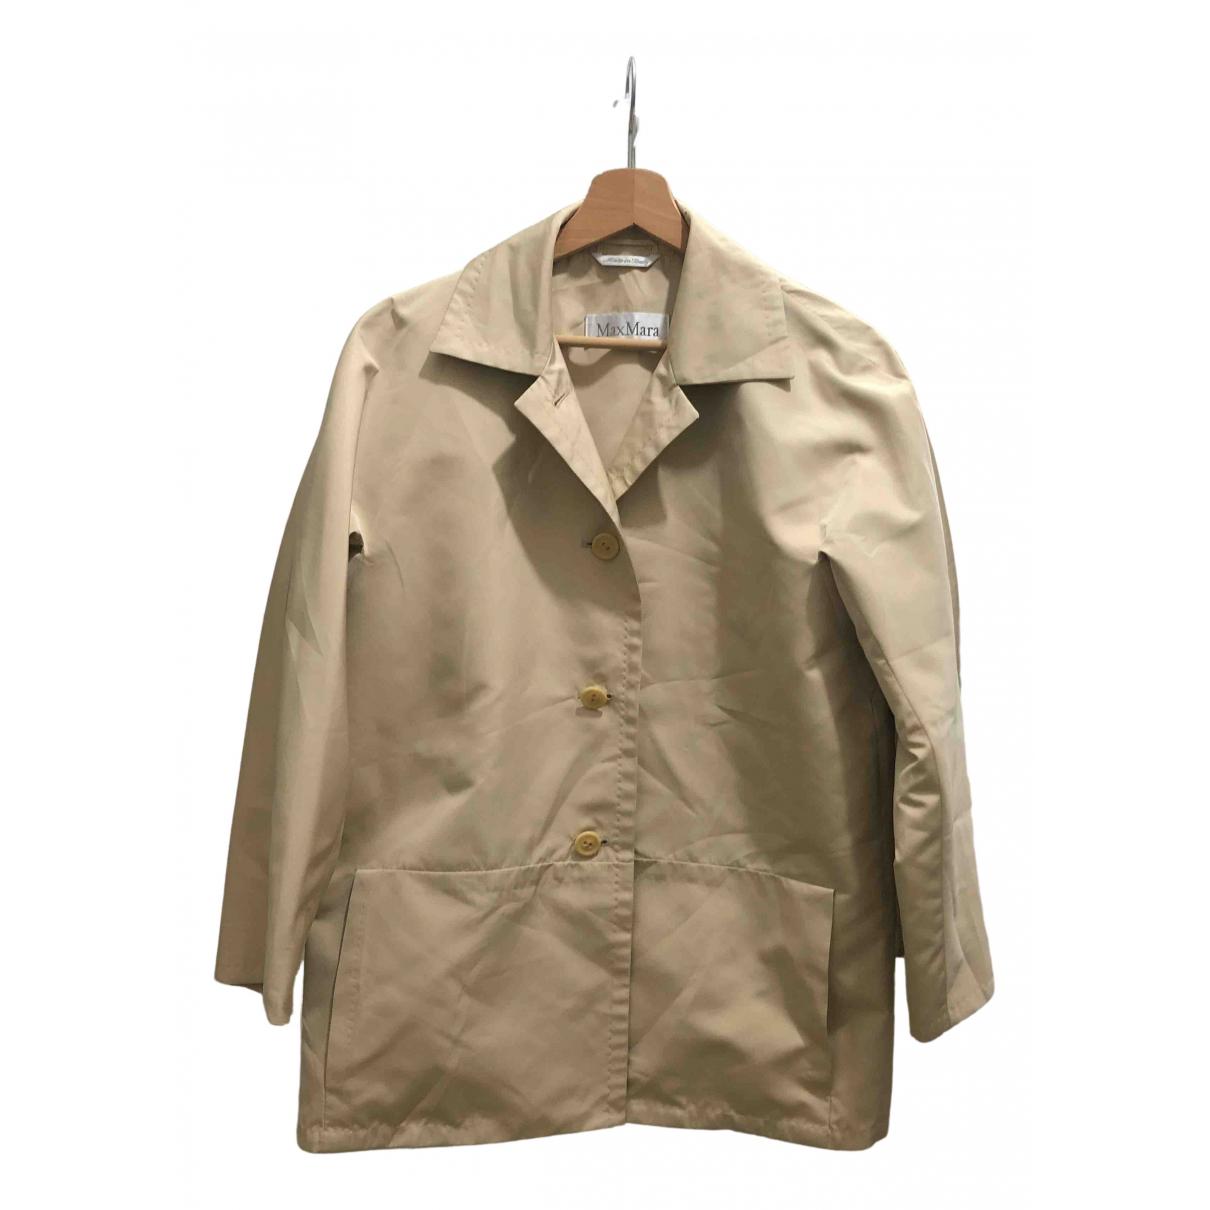 Max Mara N Beige jacket for Women 42 IT